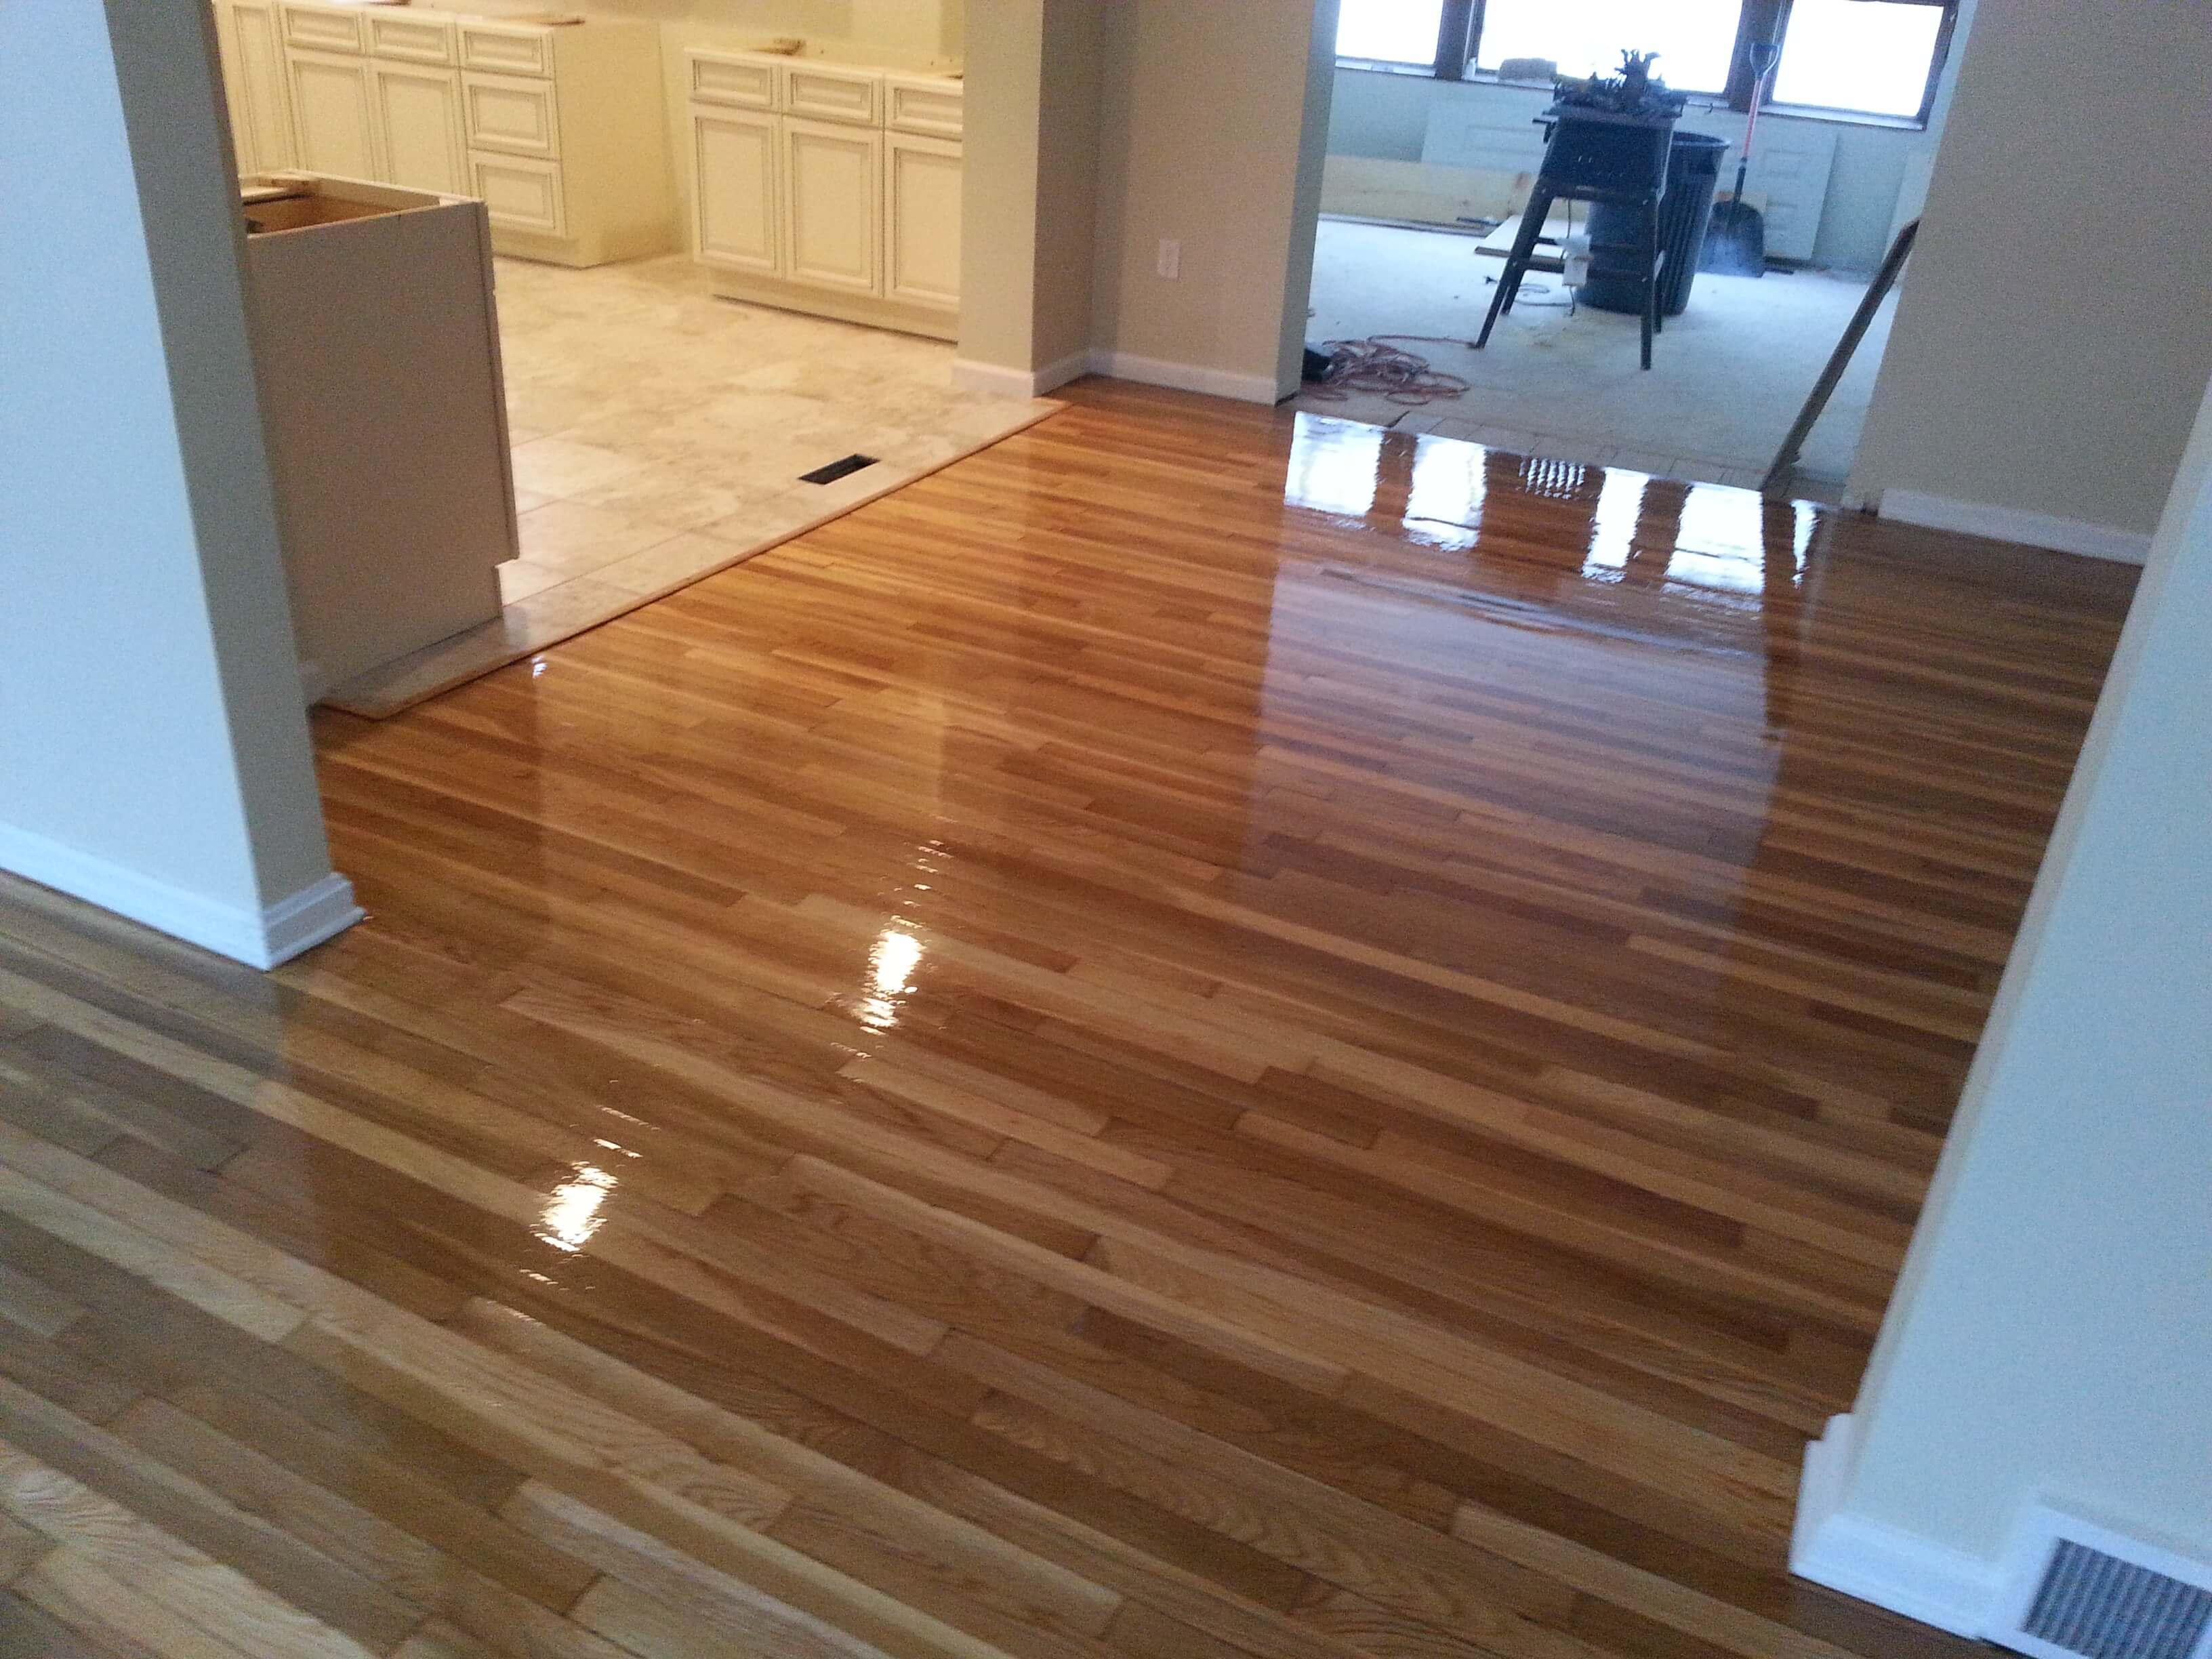 Chicago wood floor resurfacing